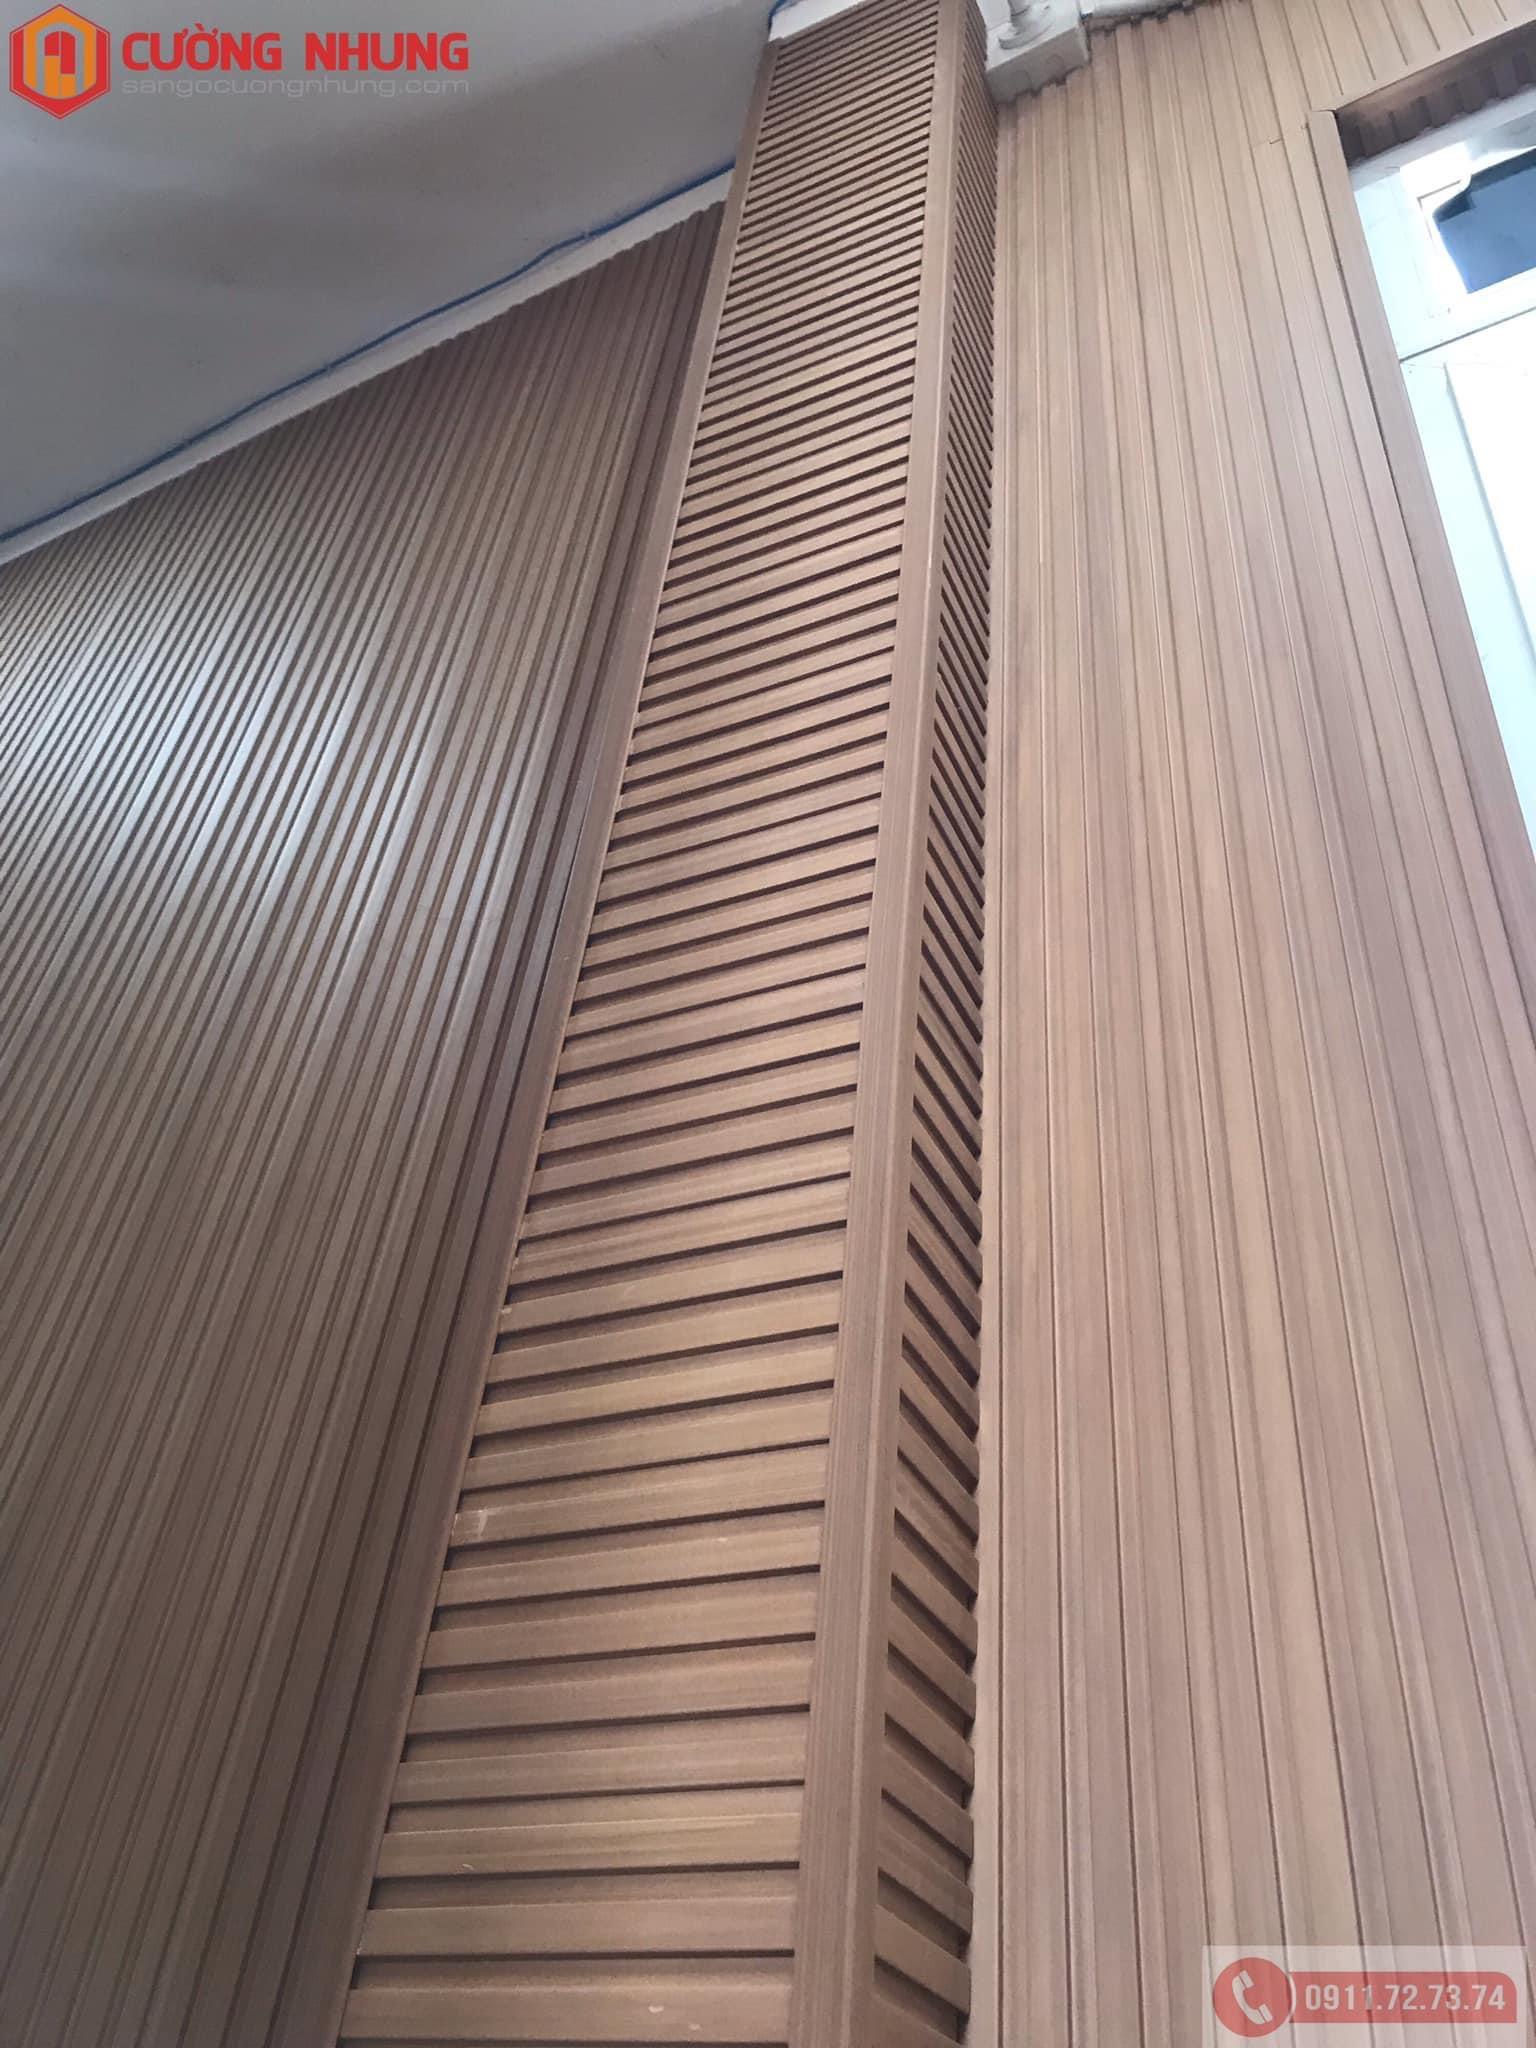 Tấm ốp tường bằng nhựa PVC - Lam sóng Kosmos